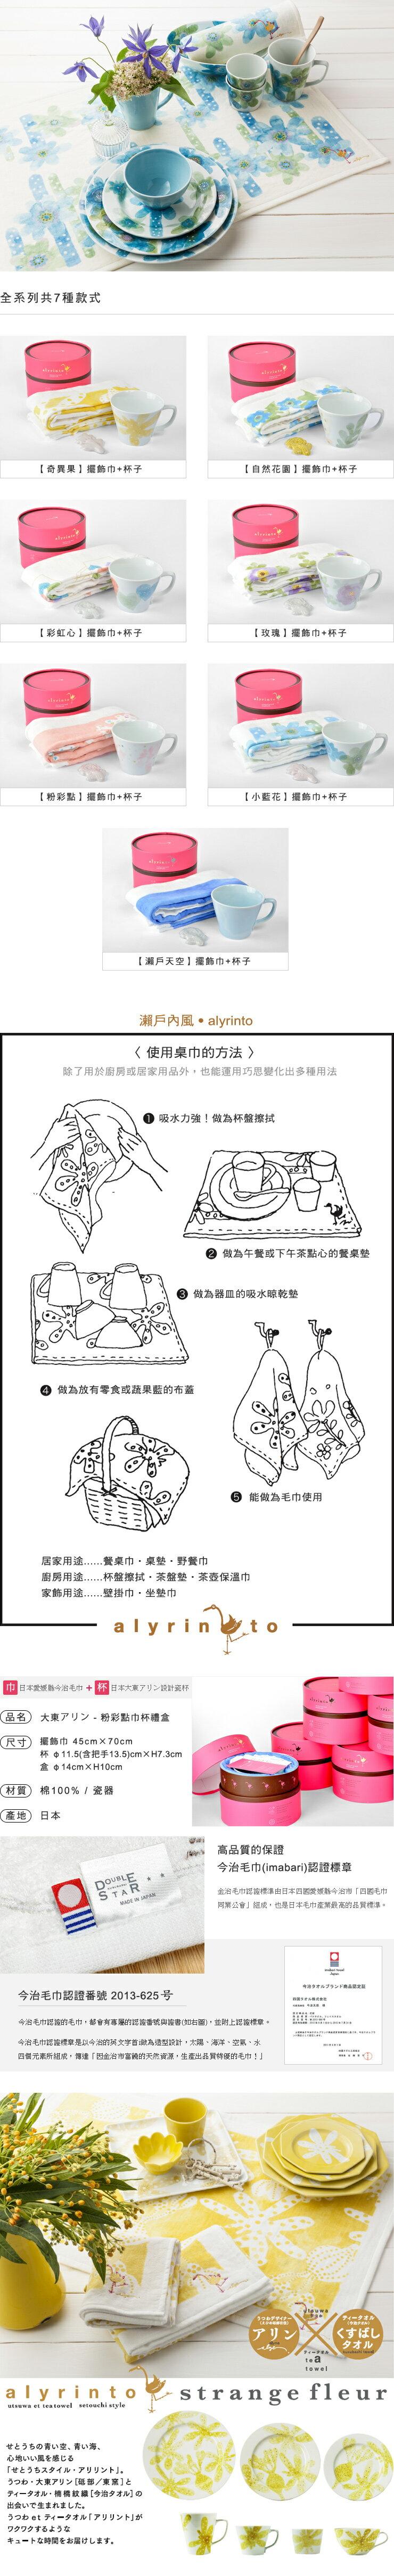 日本今治毛巾(imabari towel) - 大東アリン - (精緻禮盒)小藍花擺飾巾+杯子 / 餐桌巾 / 茶盤墊 / 野餐巾 / 杯碗擦拭巾 / 毛巾 / 擦手巾 / 保溫巾 / 壁掛巾《日本設計製造》《全館免運費》,純棉100%,觸感細緻質地柔軟,吸水性強,日本設計製造,天然水洗滌工法,不使用螢光染料,不添加染劑